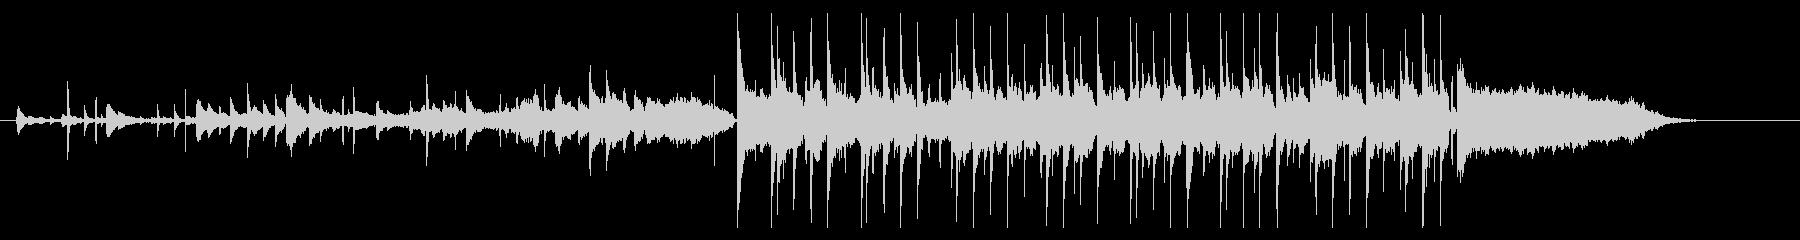 ピアノとシンセサイザーのワンダーランドの未再生の波形